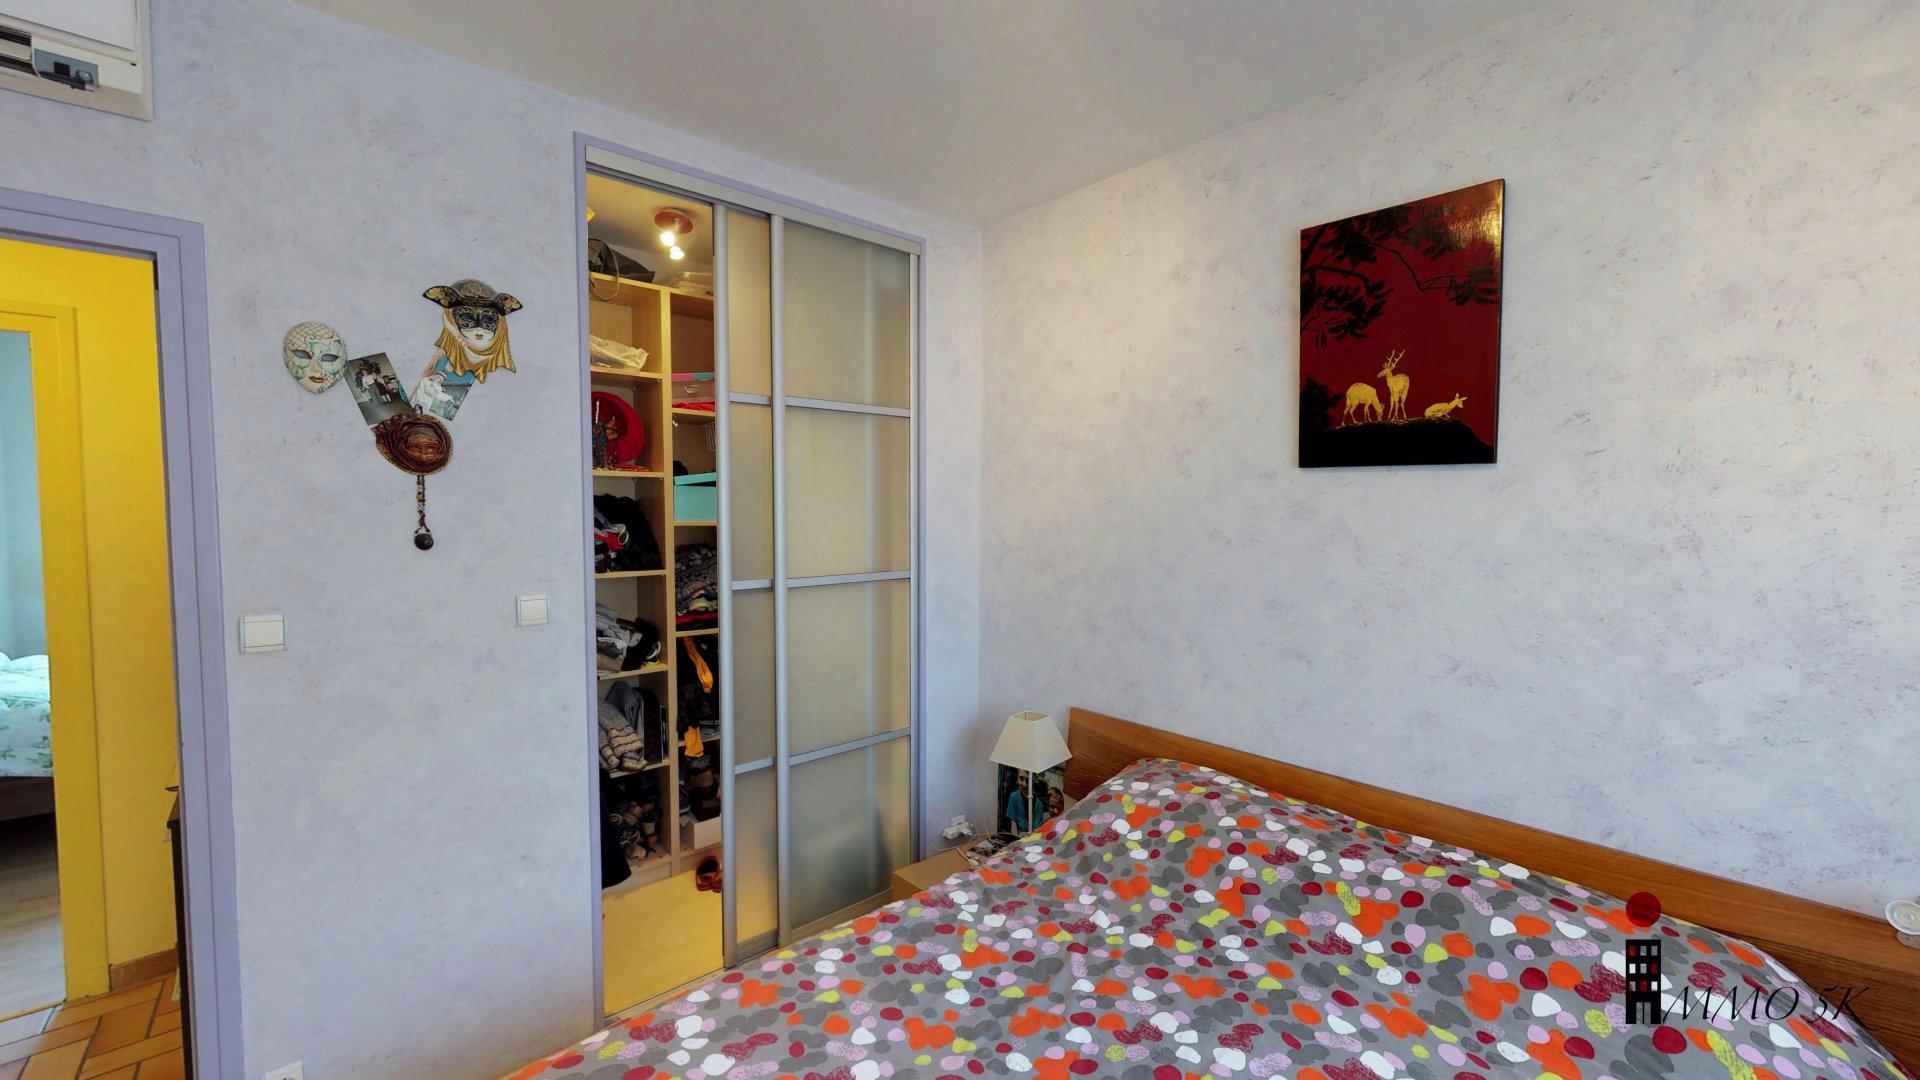 MIRIBEL - Maison 6 pièces - 173m2 hab - 1084m2 terrain